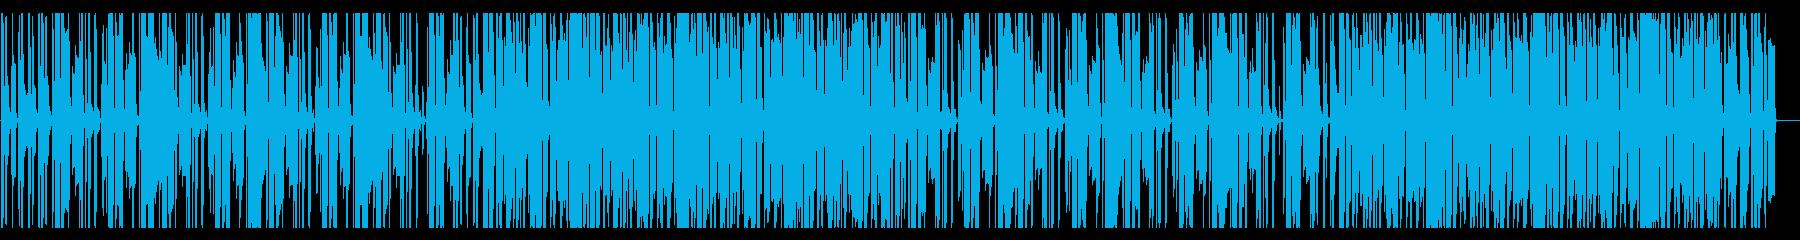 適当なやる気の薄っぺらいBGMの再生済みの波形